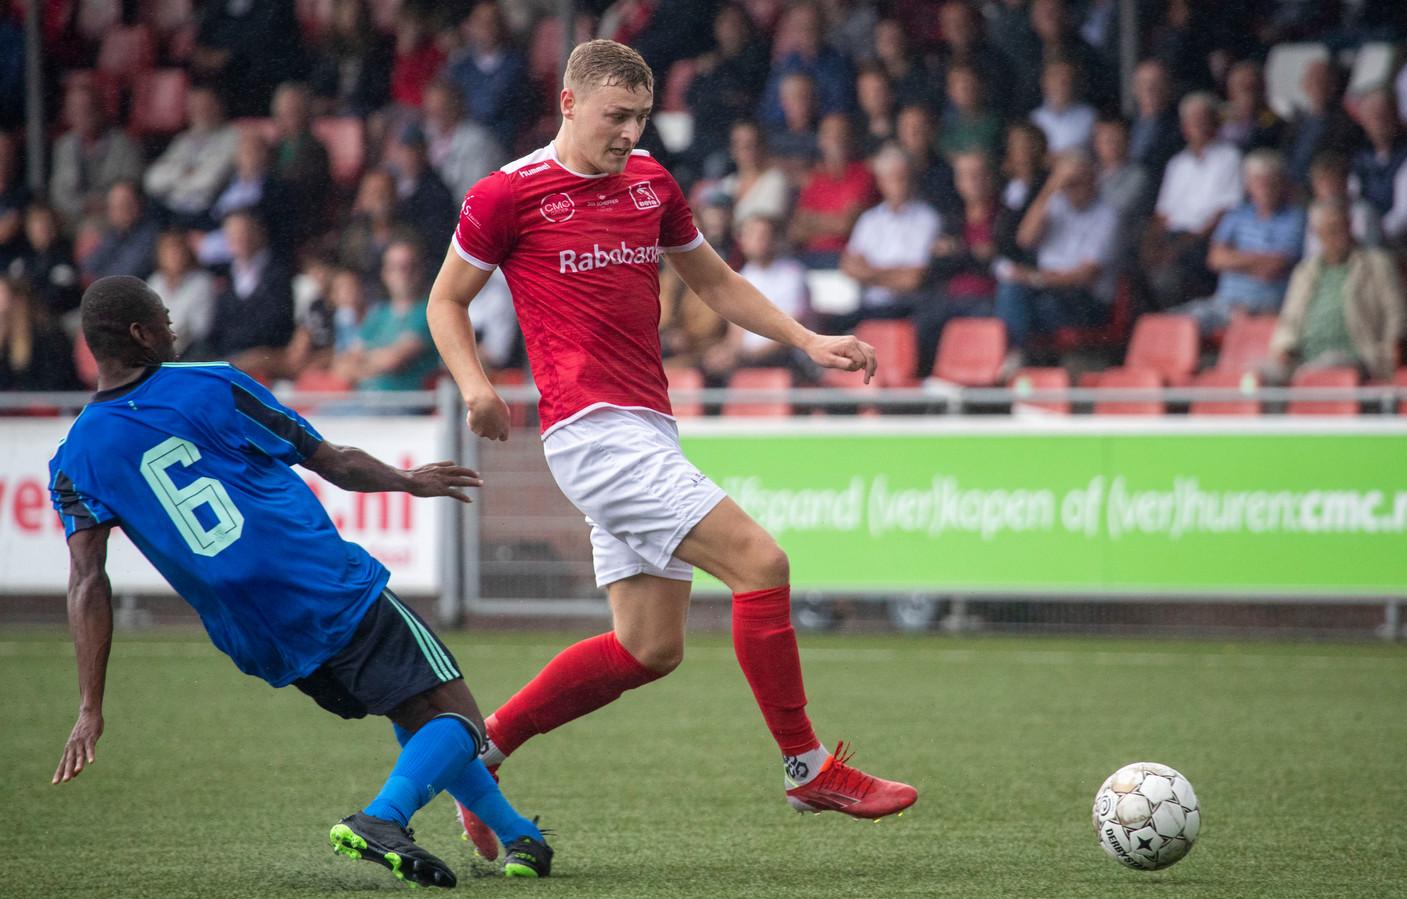 DOVO-middenvelder Matthijs van Nispen aan de bal tegen Ajax.